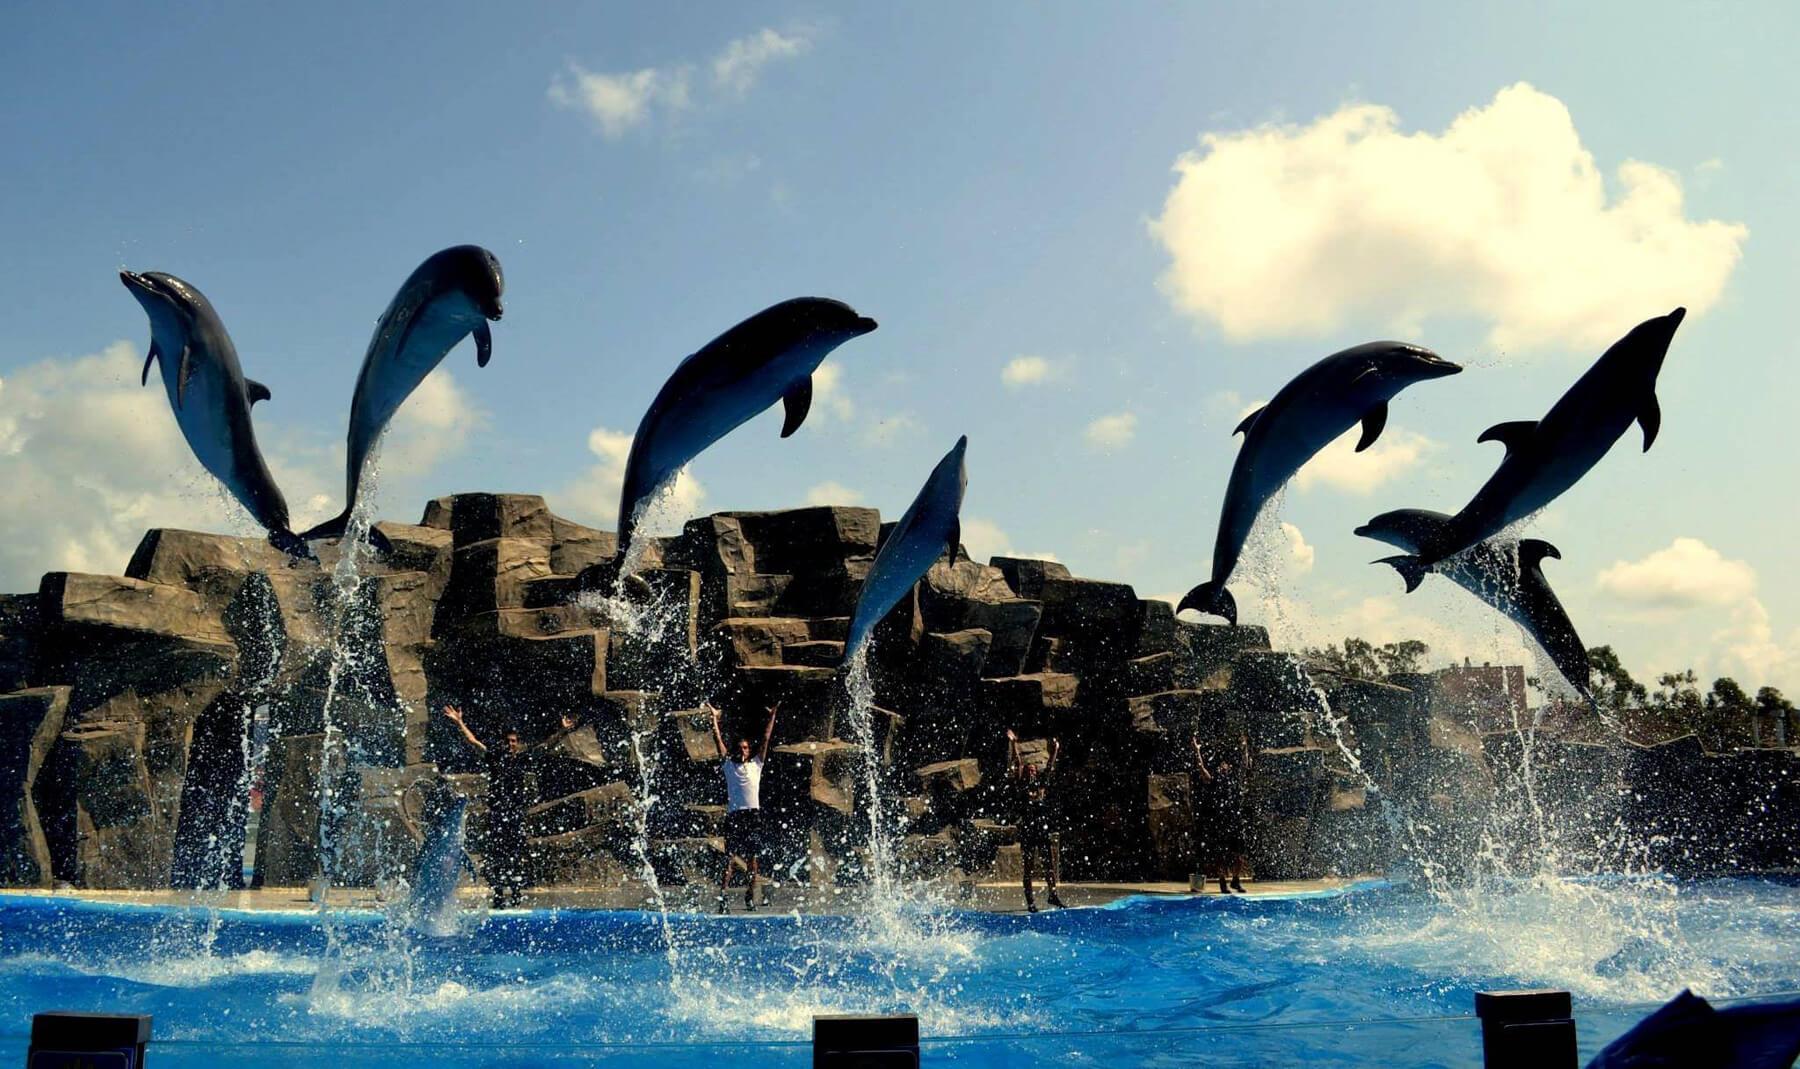 Представление в дельфинарии в Батуми